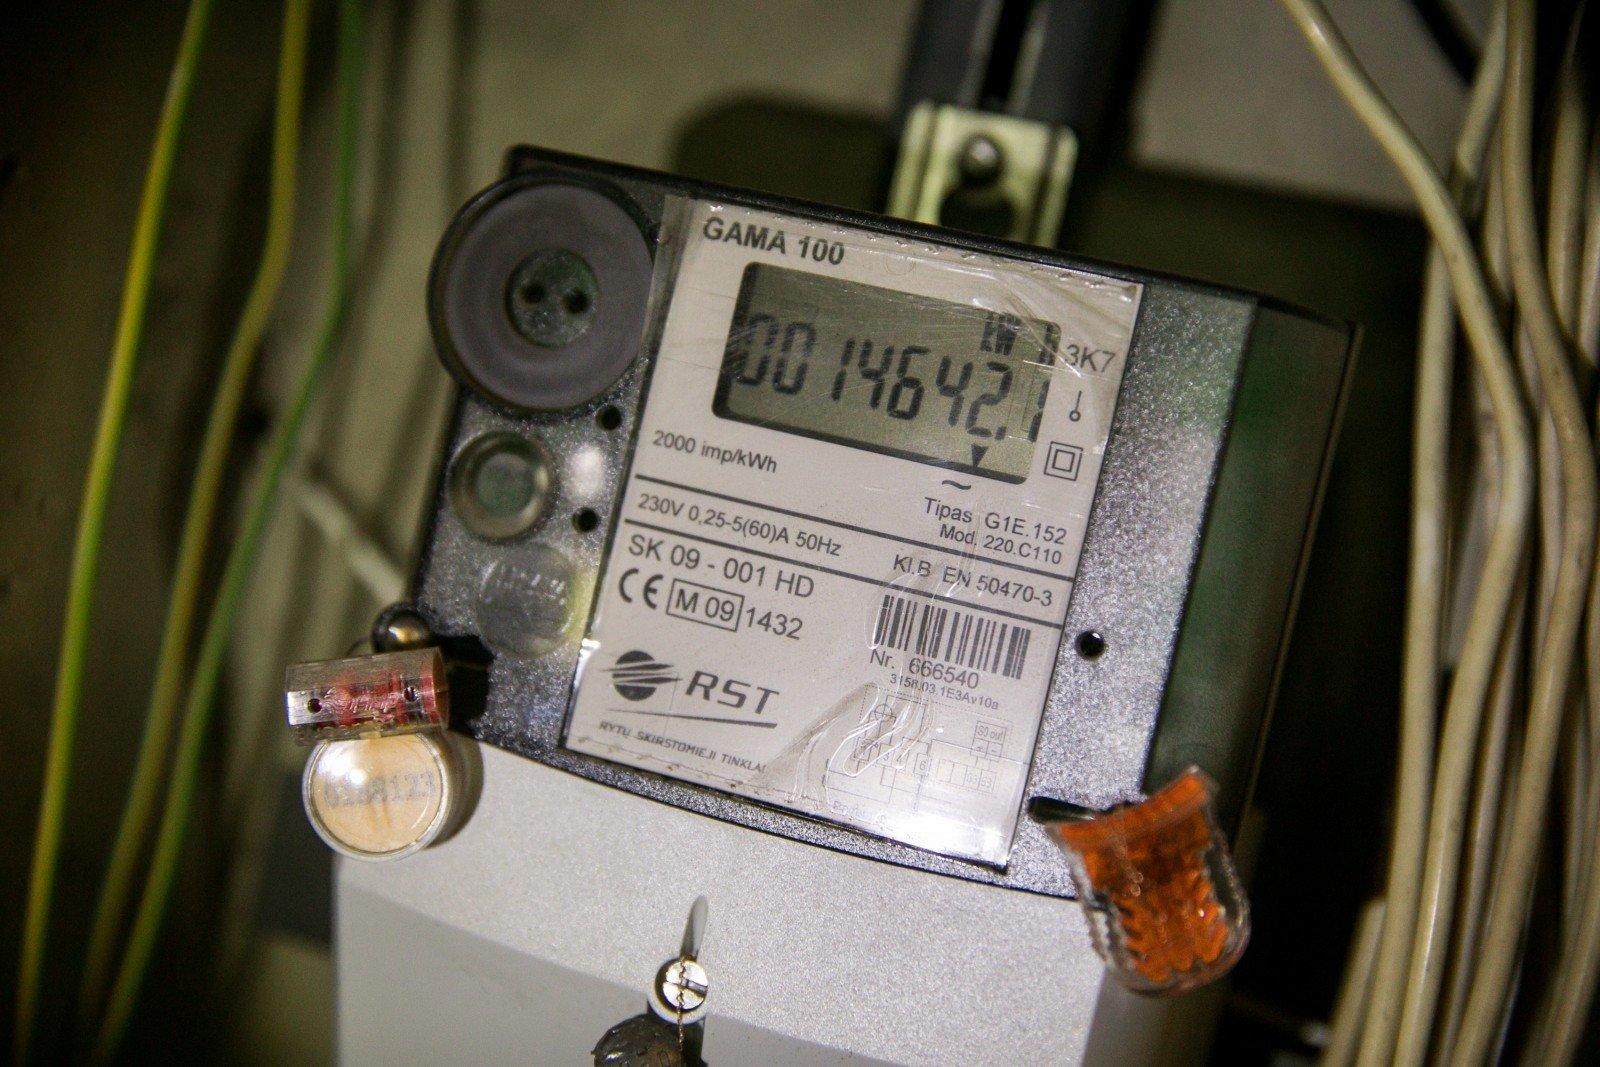 elektros mainų prekybos sistema akcijų pasirinkimo sandoriai kas yra